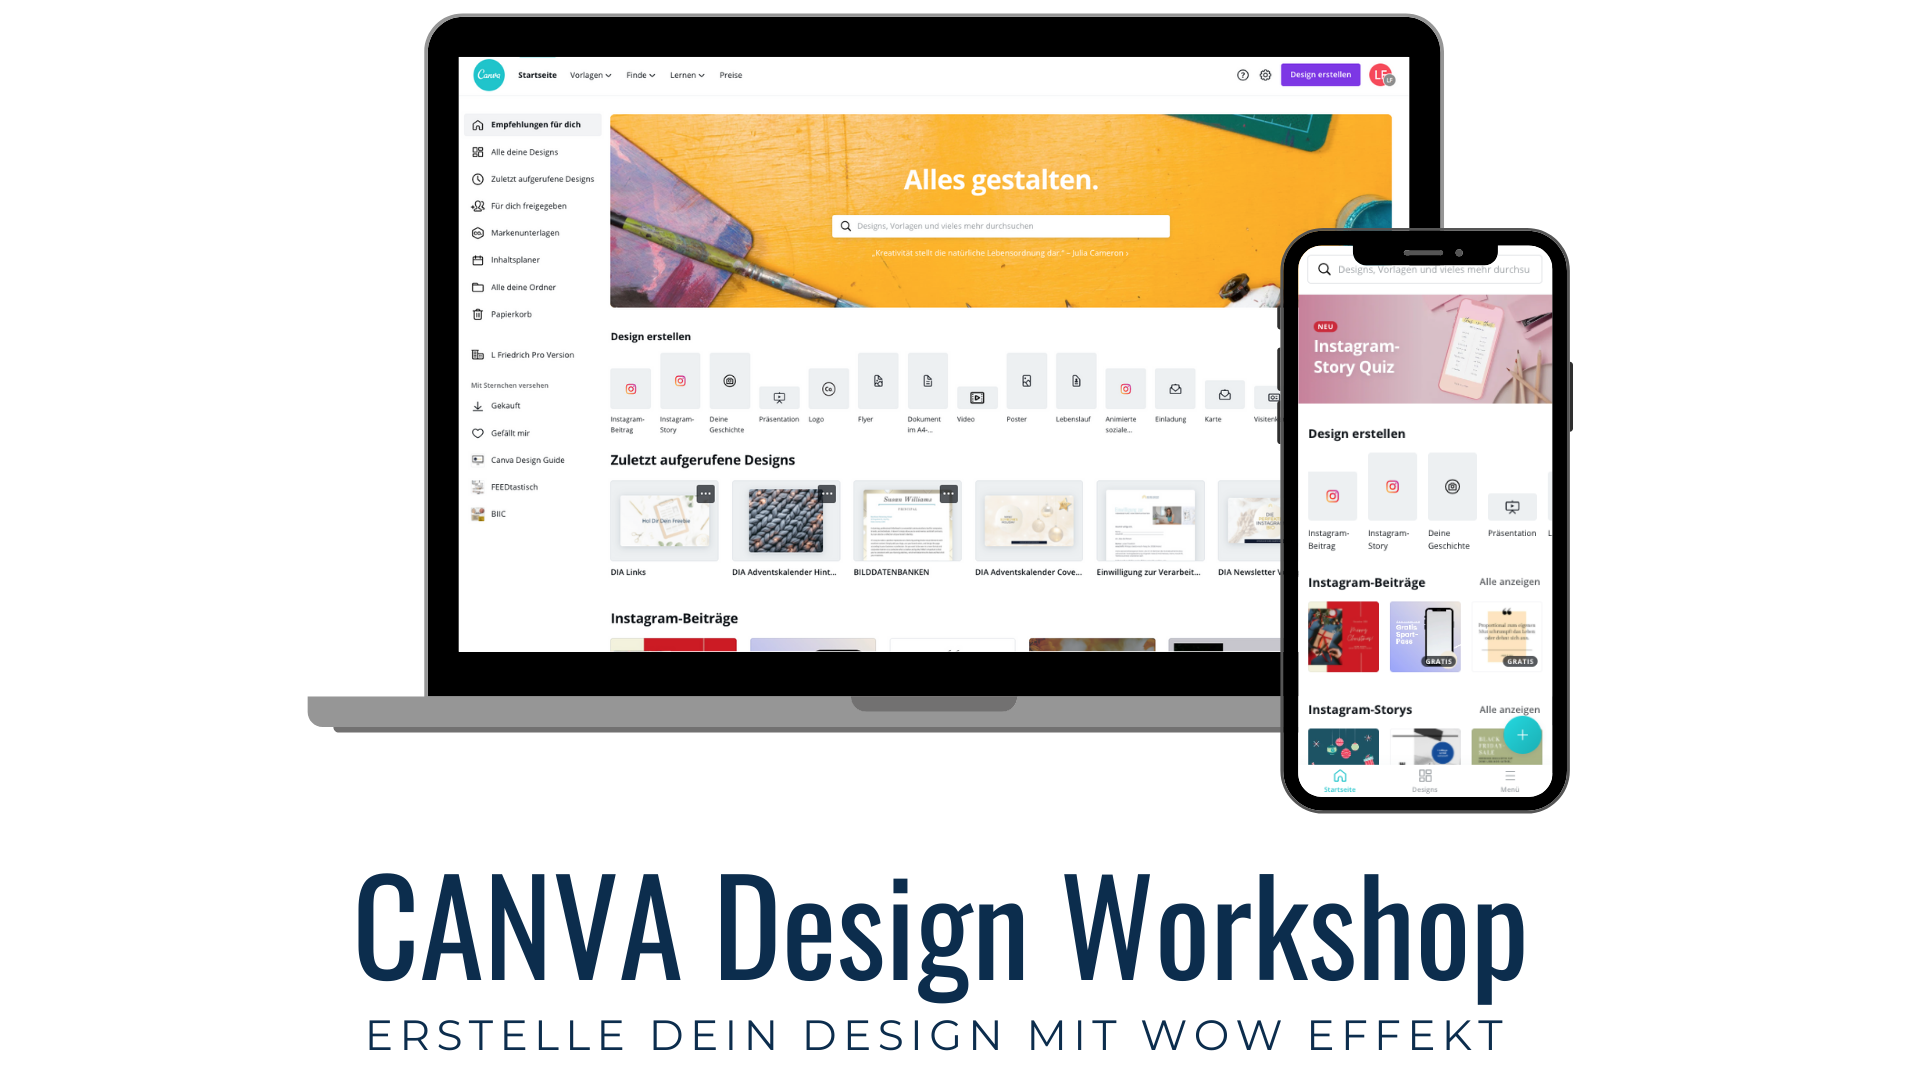 Canva Design Workshop